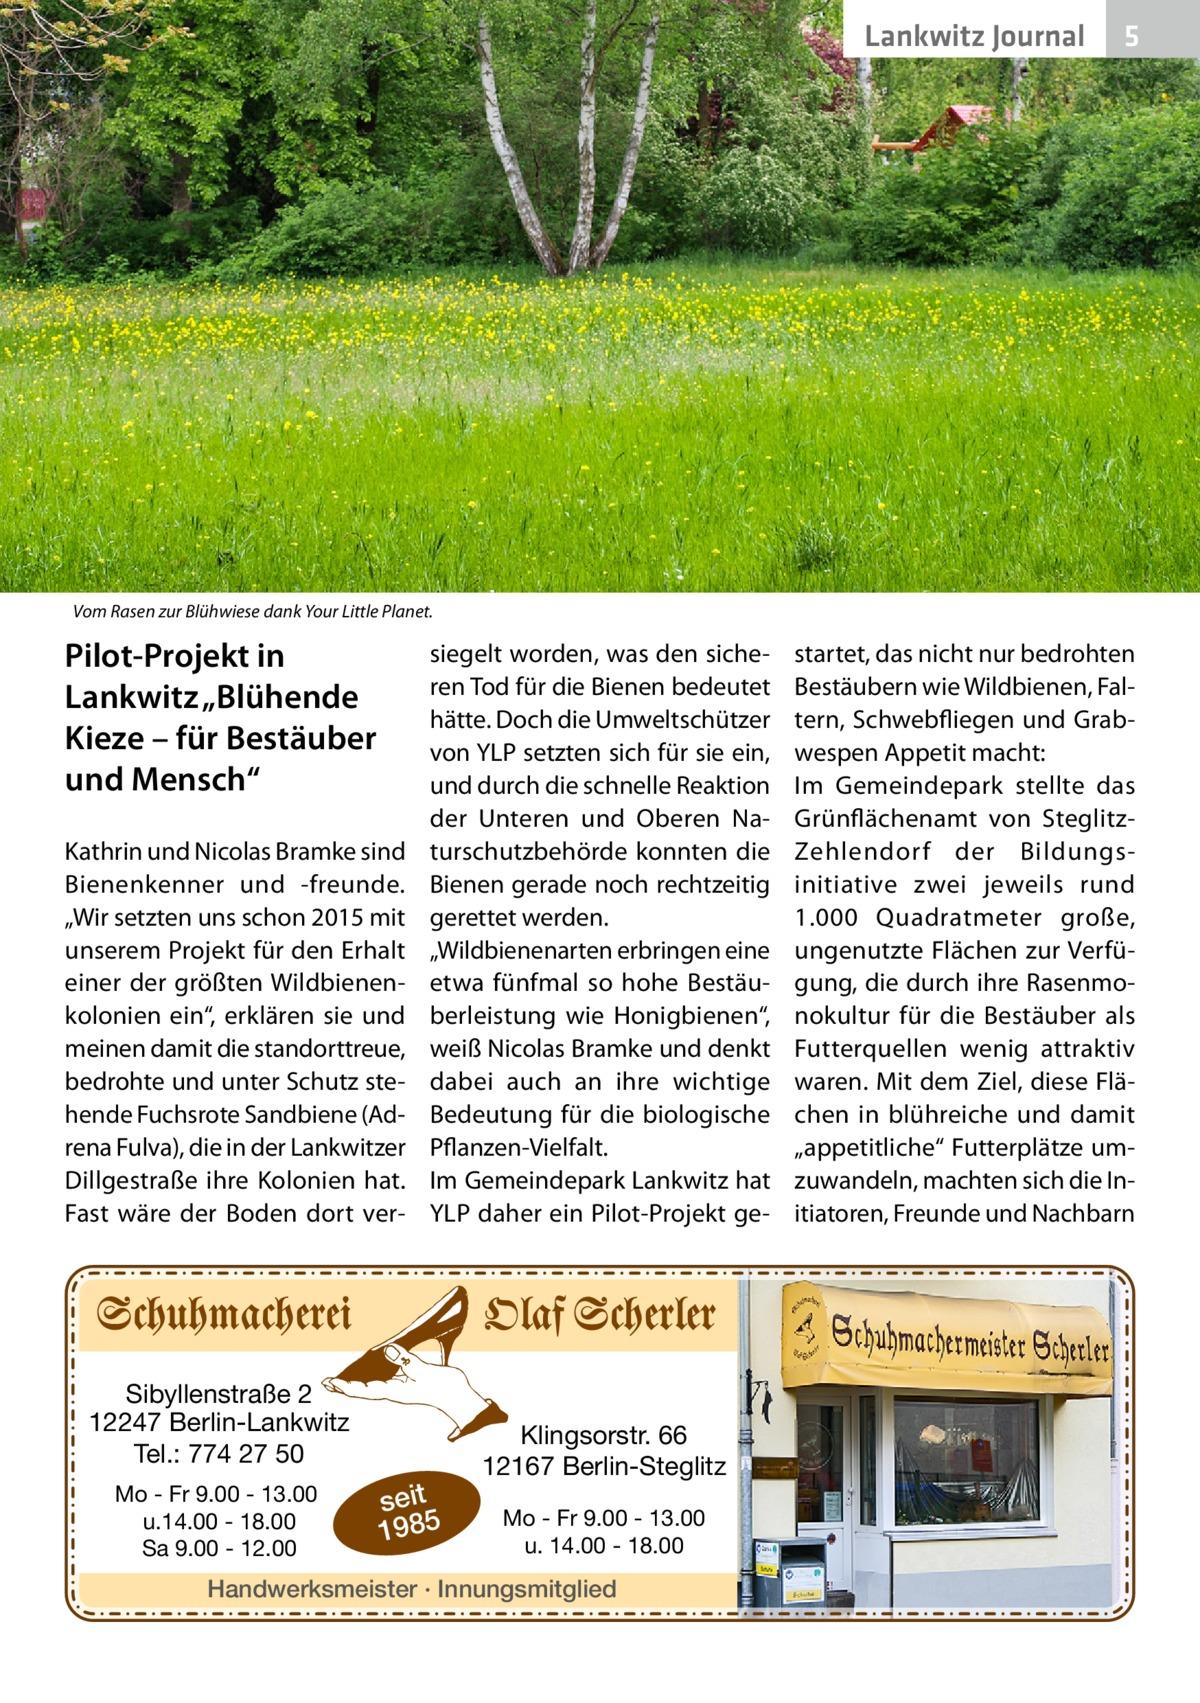 """Lankwitz Journal  5  Vom Rasen zur Blühwiese dank Your Little Planet.  Pilot-Projekt in Lankwitz """"Blühende Kieze – für Bestäuber und Mensch"""" Kathrin und Nicolas Bramke sind Bienenkenner und -freunde. """"Wir setzten uns schon 2015 mit unserem Projekt für den Erhalt einer der größten Wildbienenkolonien ein"""", erklären sie und meinen damit die standorttreue, bedrohte und unter Schutz stehende Fuchsrote Sandbiene (Adrena Fulva), die in der Lankwitzer Dillgestraße ihre Kolonien hat. Fast wäre der Boden dort ver siegelt worden, was den sicheren Tod für die Bienen bedeutet hätte. Doch die Umweltschützer von YLP setzten sich für sie ein, und durch die schnelle Reaktion der Unteren und Oberen Naturschutzbehörde konnten die Bienen gerade noch rechtzeitig gerettet werden. """"Wildbienenarten erbringen eine etwa fünfmal so hohe Bestäuberleistung wie Honigbienen"""", weiß Nicolas Bramke und denkt dabei auch an ihre wichtige Bedeutung für die biologische Pflanzen-Vielfalt. Im Gemeindepark Lankwitz hat YLP daher ein Pilot-Projekt ge Sibyllenstraße 2 12247 Berlin-Lankwitz Tel.: 774 27 50 Mo - Fr 9.00 - 13.00 u.14.00 - 18.00 Sa 9.00 - 12.00  seit 1985  Klingsorstr. 66 12167 Berlin-Steglitz Mo - Fr 9.00 - 13.00 u. 14.00 - 18.00  Handwerksmeister · Innungsmitglied  startet, das nicht nur bedrohten Bestäubern wie Wildbienen, Faltern, Schwebfliegen und Grabwespen Appetit macht: Im Gemeindepark stellte das Grünflächenamt von SteglitzZehlendorf der Bildungsinitiative zwei jeweils rund 1.000 Quadratmeter große, ungenutzte Flächen zur Verfügung, die durch ihre Rasenmonokultur für die Bestäuber als Futterquellen wenig attraktiv waren. Mit dem Ziel, diese Flächen in blühreiche und damit """"appetitliche"""" Futterplätze umzuwandeln, machten sich die Initiatoren, Freunde und Nachbarn"""